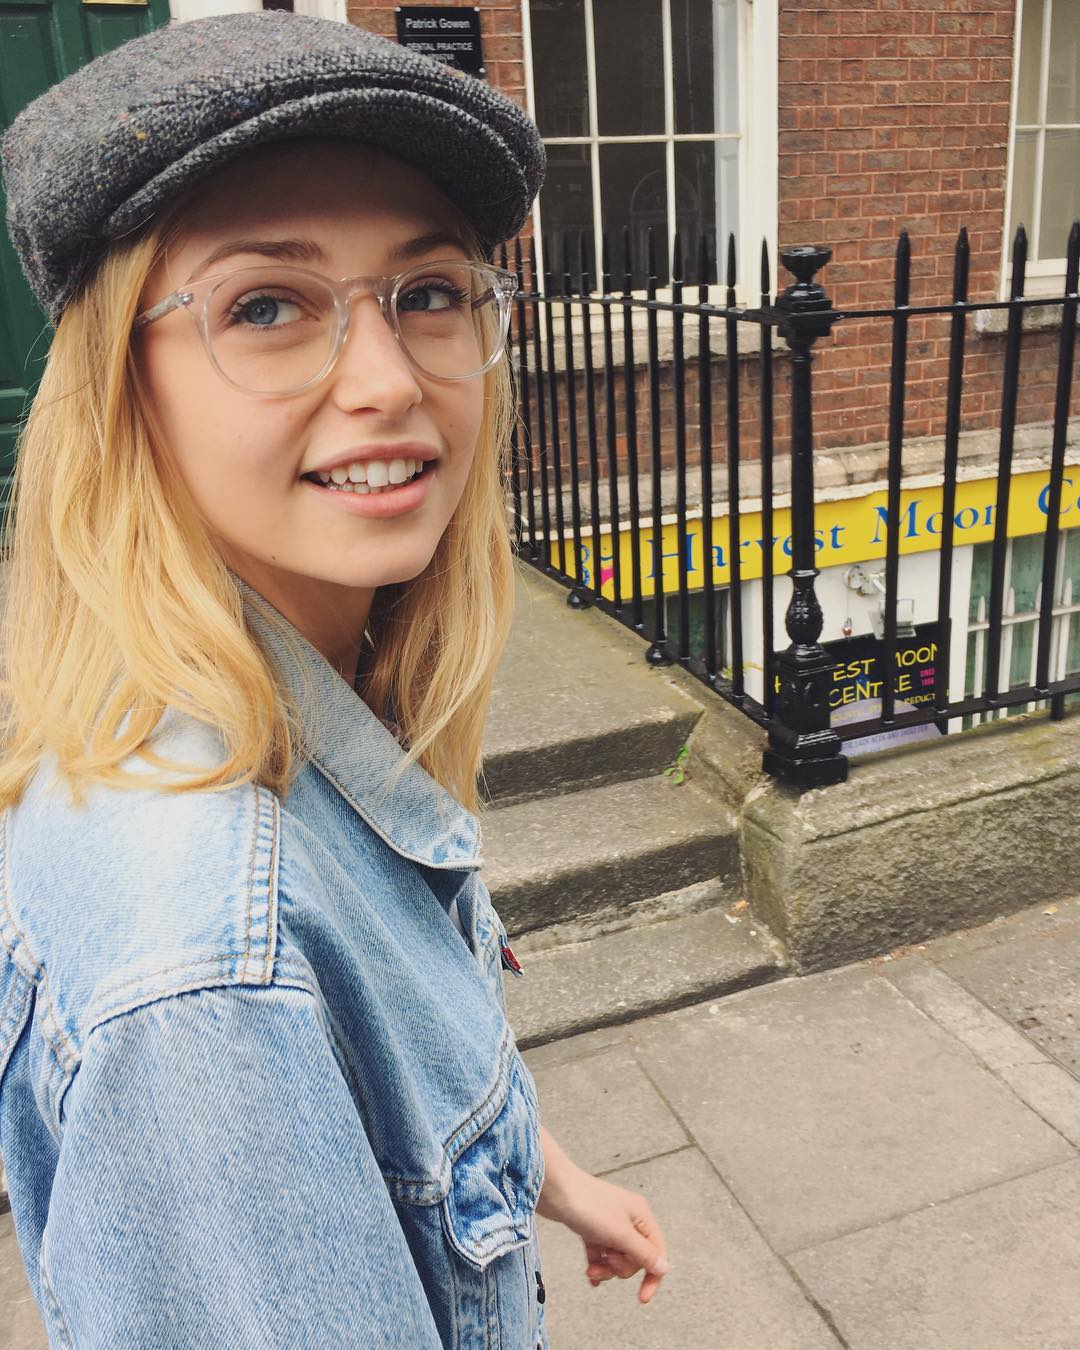 Sophie Simnett Instagram username